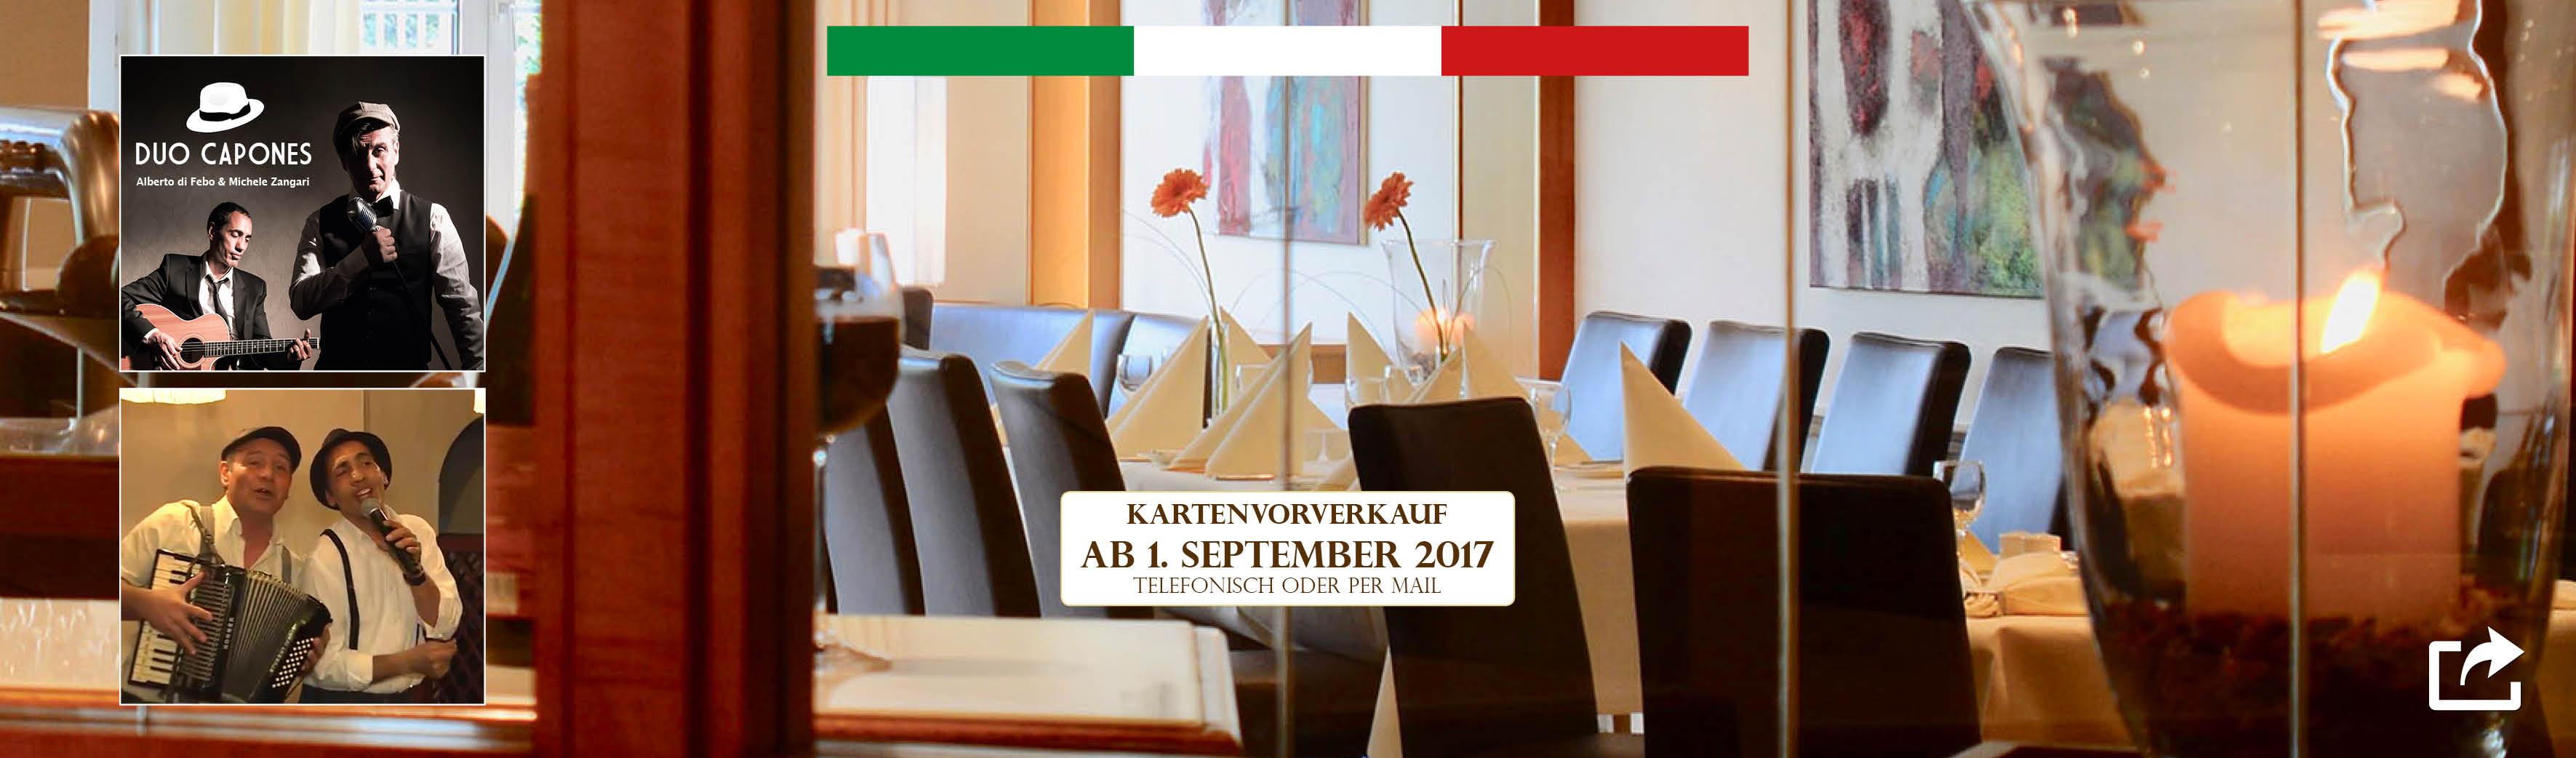 Italienische Nacht im le marron Restaurant Menden - 07-10-2017